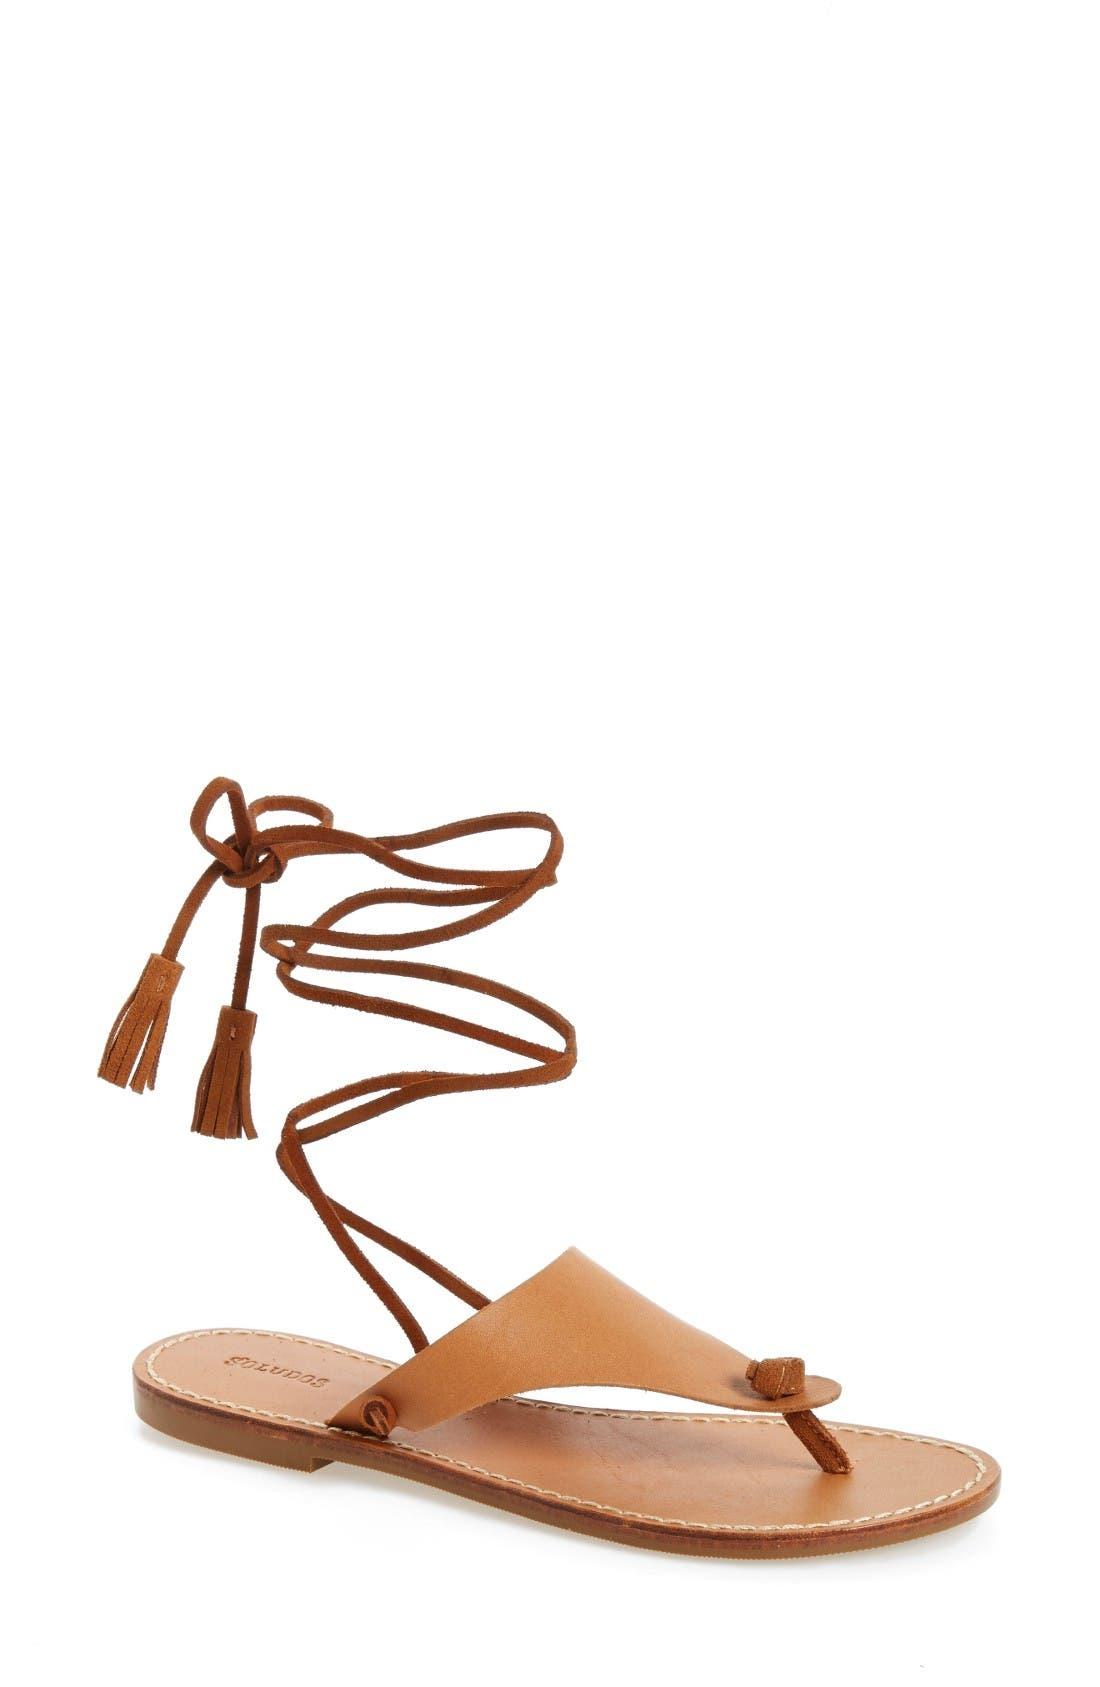 SOLUDOS Wraparound Flat Sandal